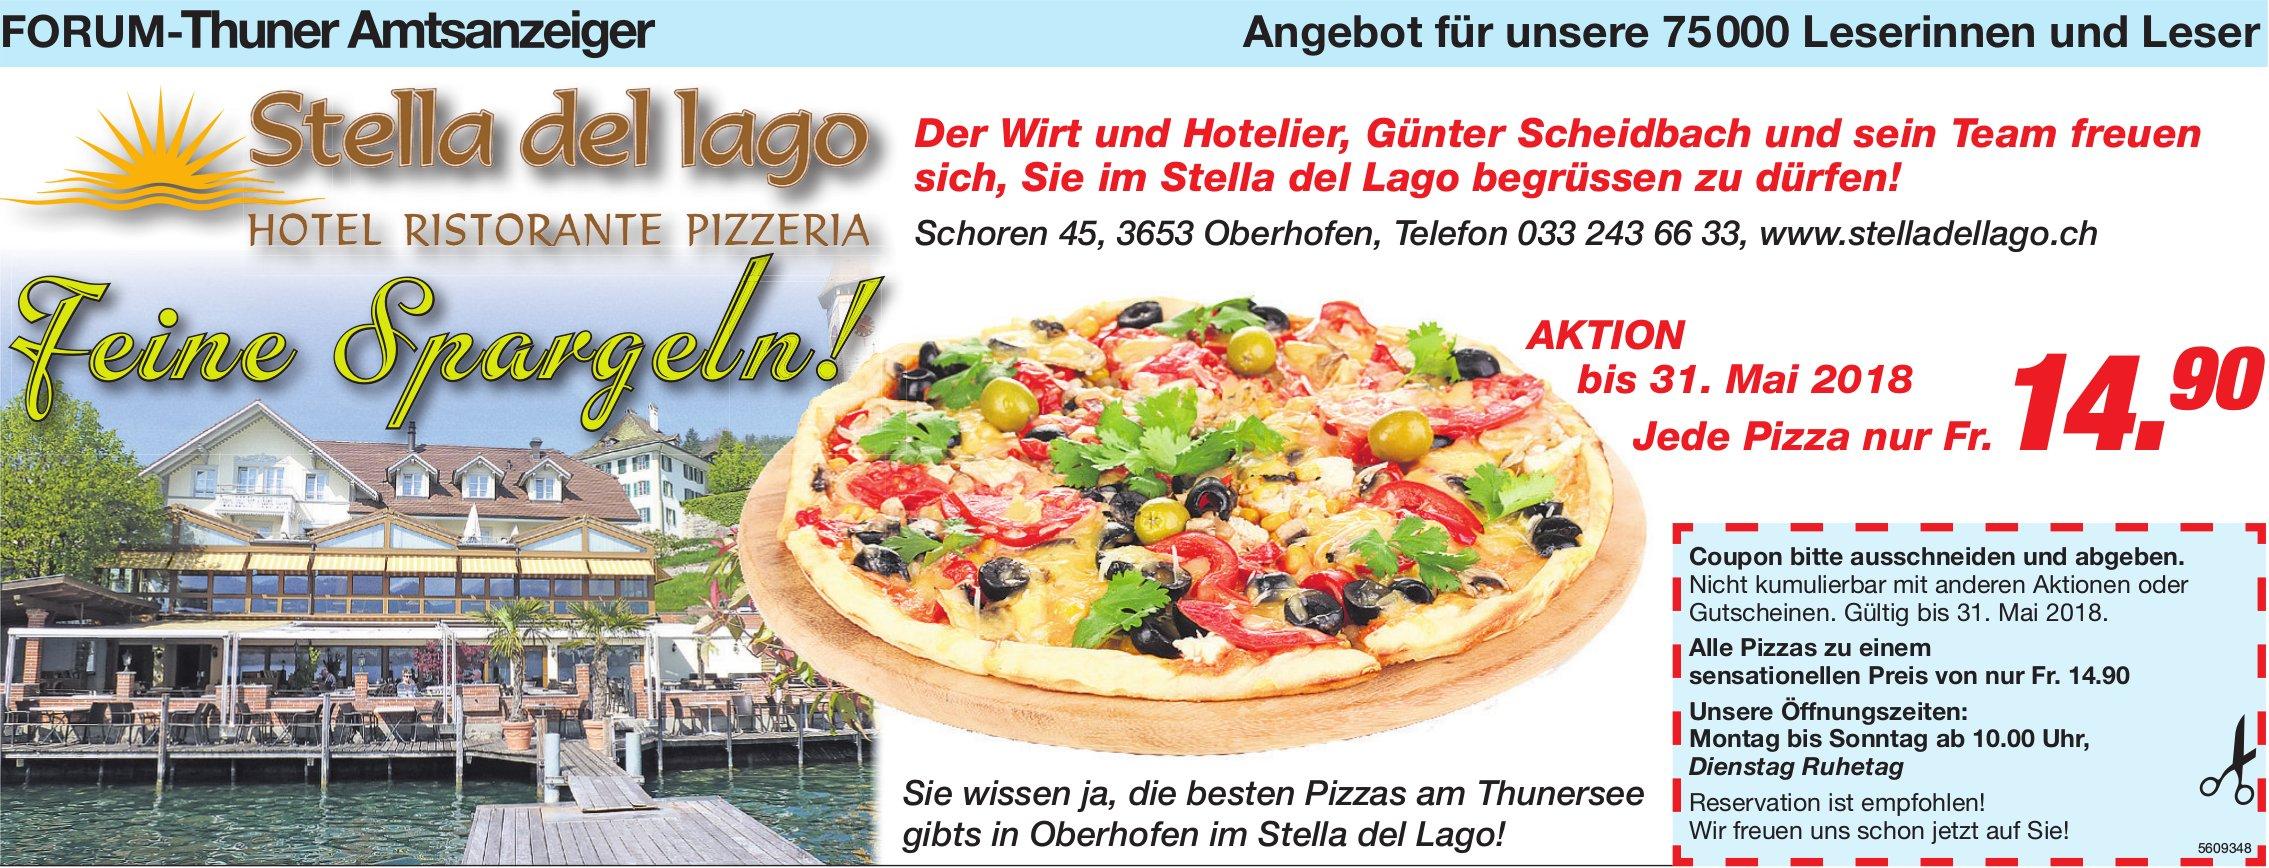 Forum-Thuner Amtsanzeiger - Stella del lago, Aktion: Jede Pizza nur Fr. 14.90 bis 31. Mai